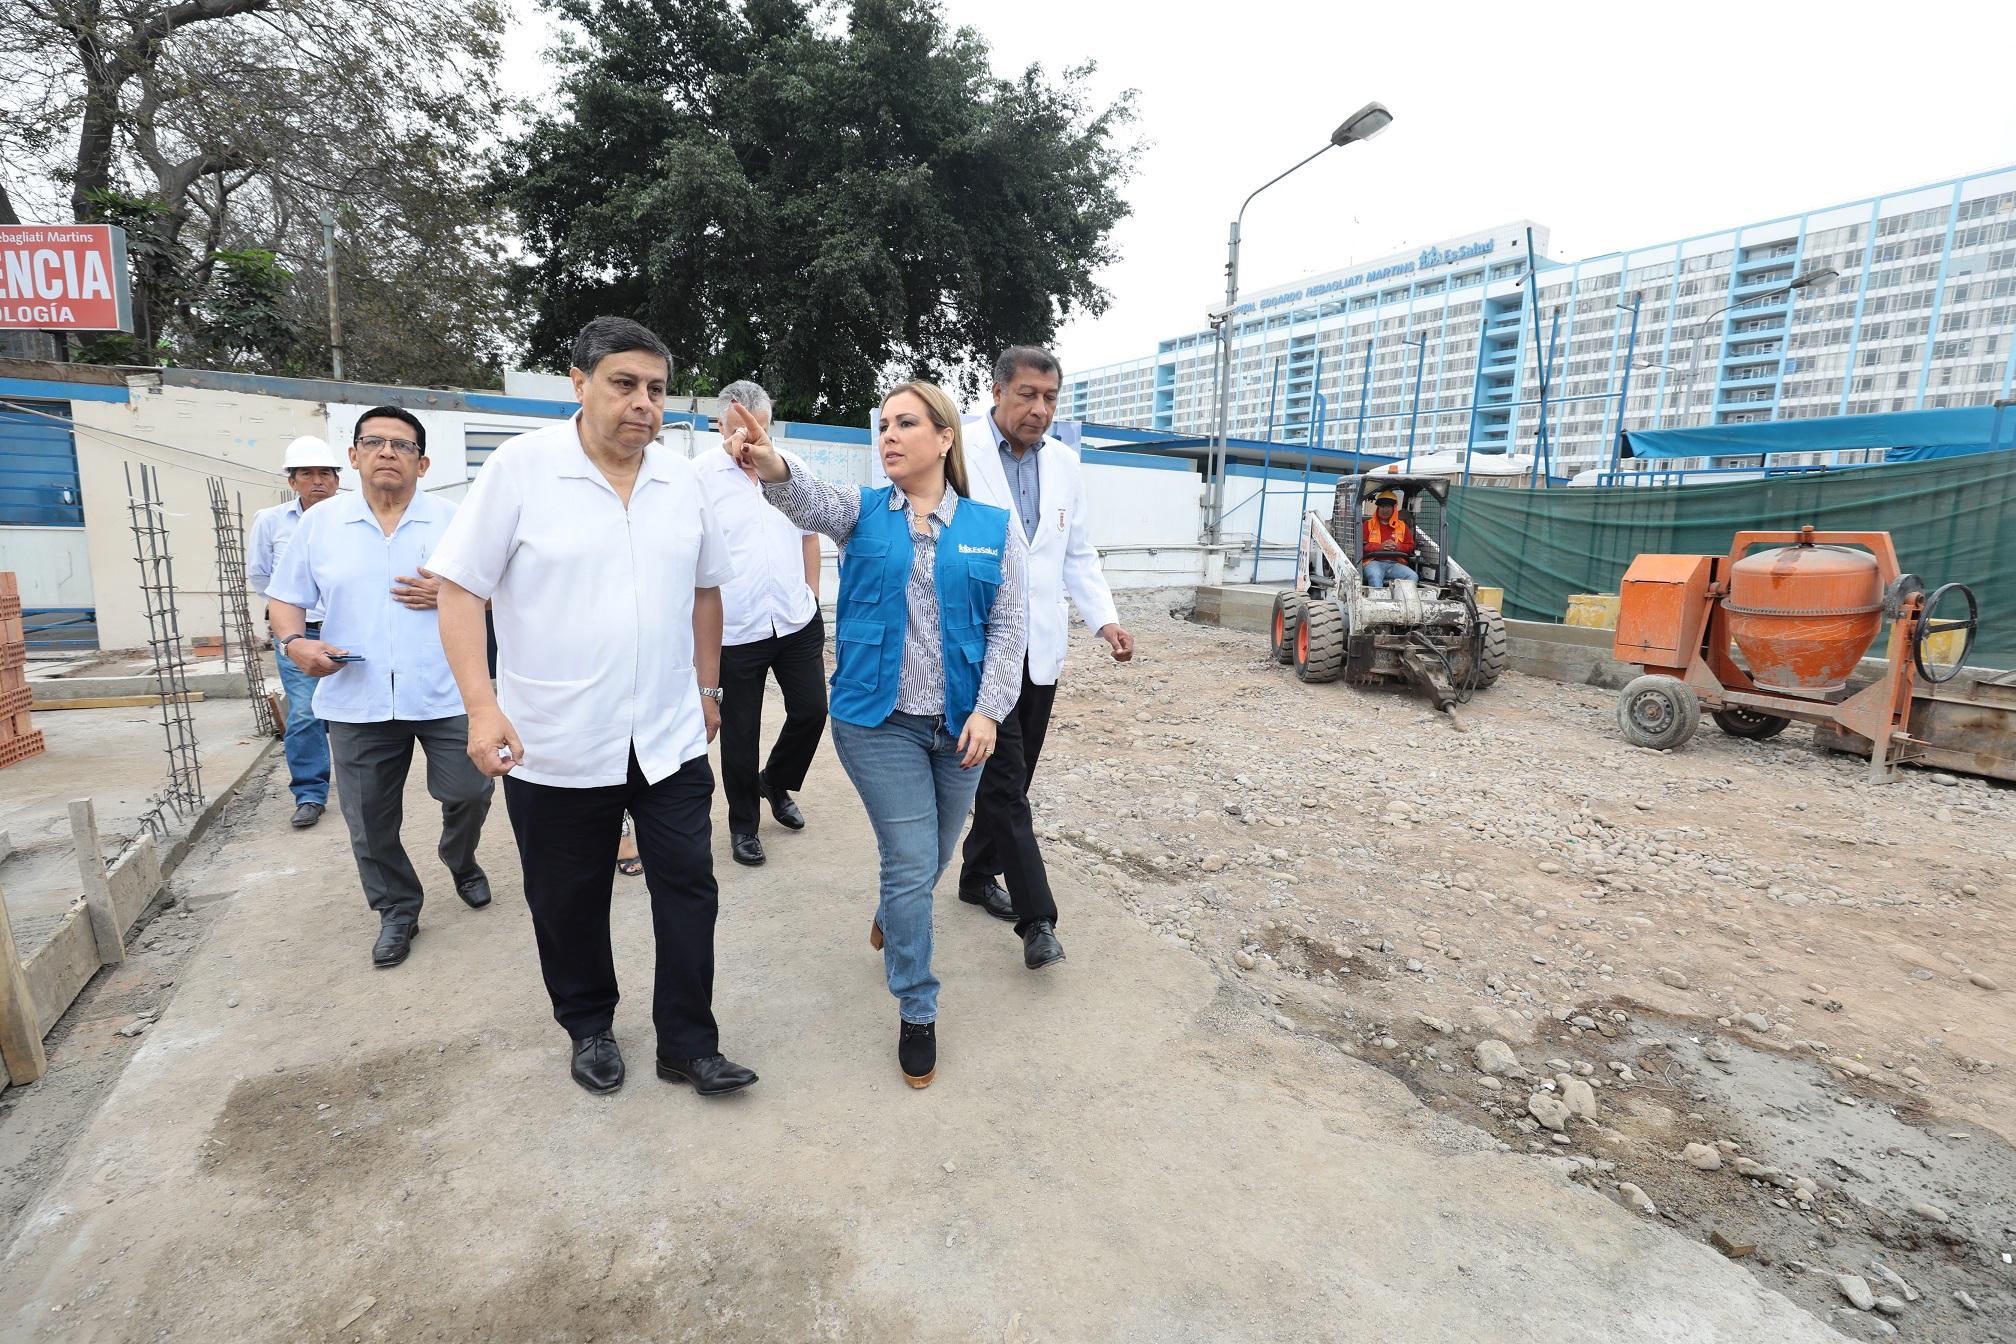 Essalud - Más de 300 mil asegurados se beneficiarán con nueva área de laboratorio que construye EsSalud